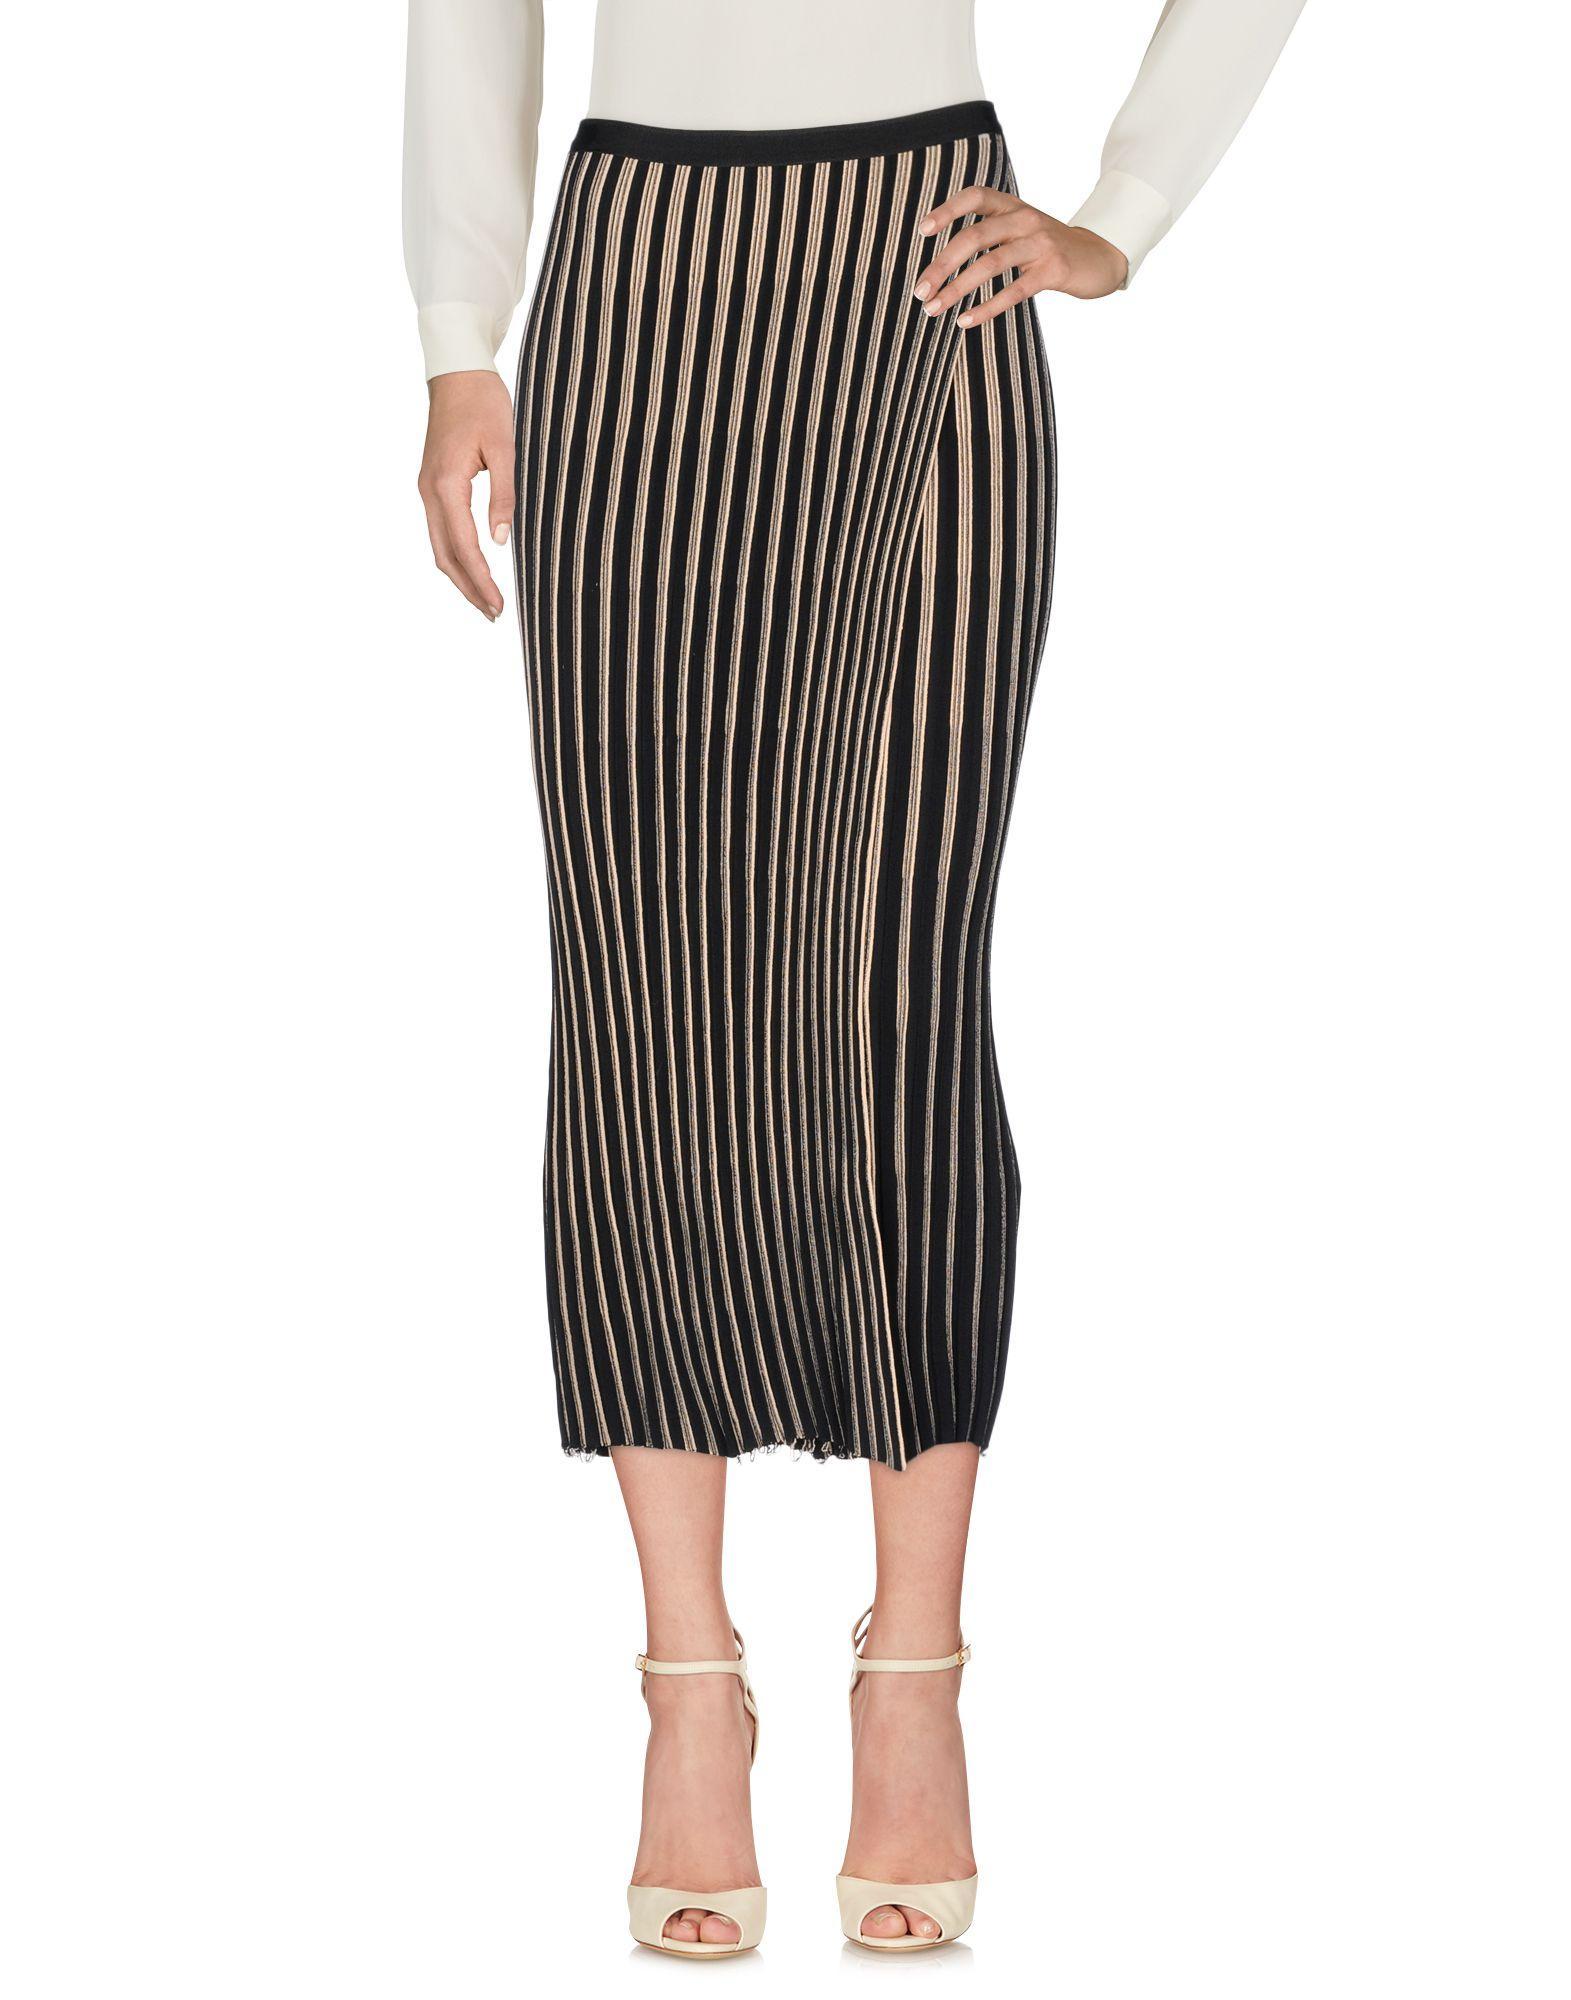 Helmut Lang 3/4 Length Skirts In Black